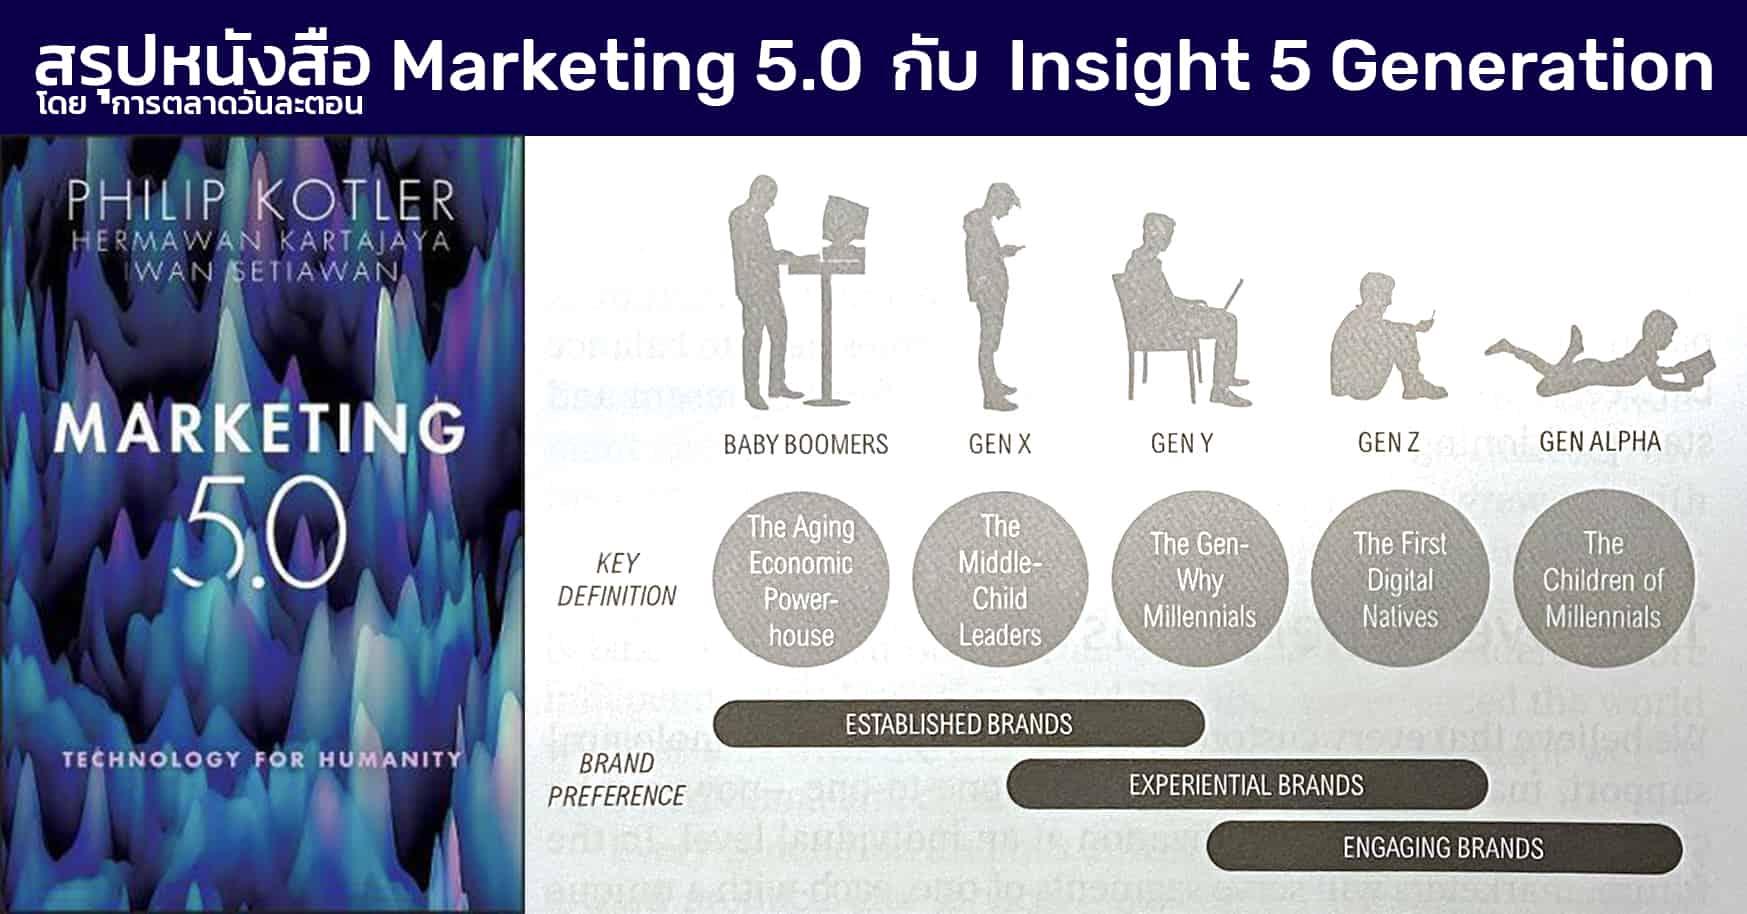 สรุปหนังสือ Marketing 5.0 Philip Kotler กับ Insight ทุก Generation 2021